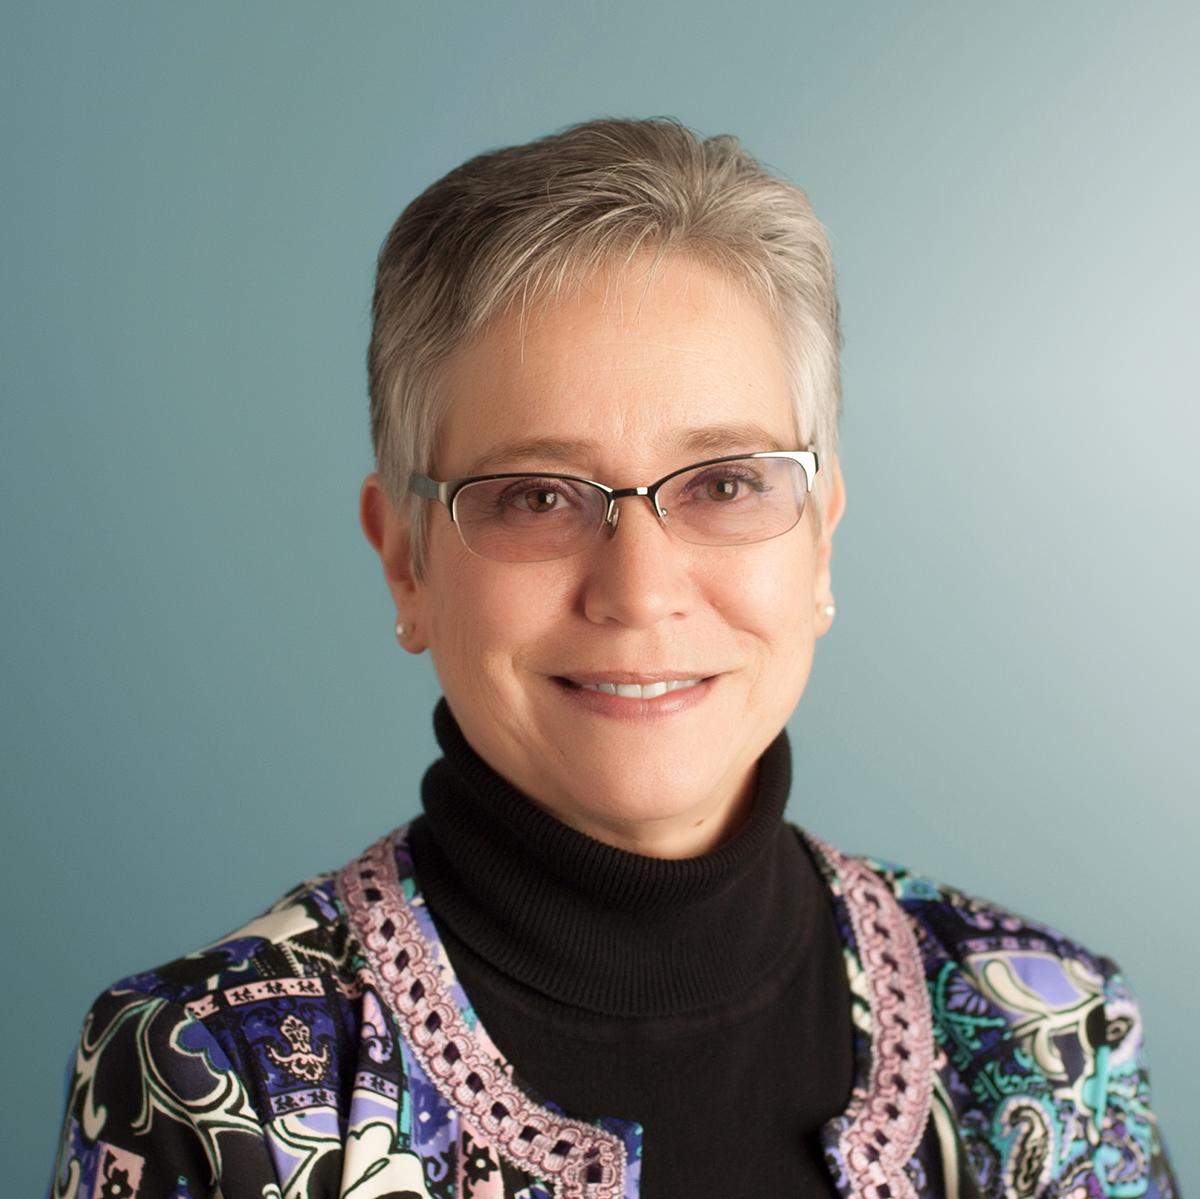 Rebecca Fogle